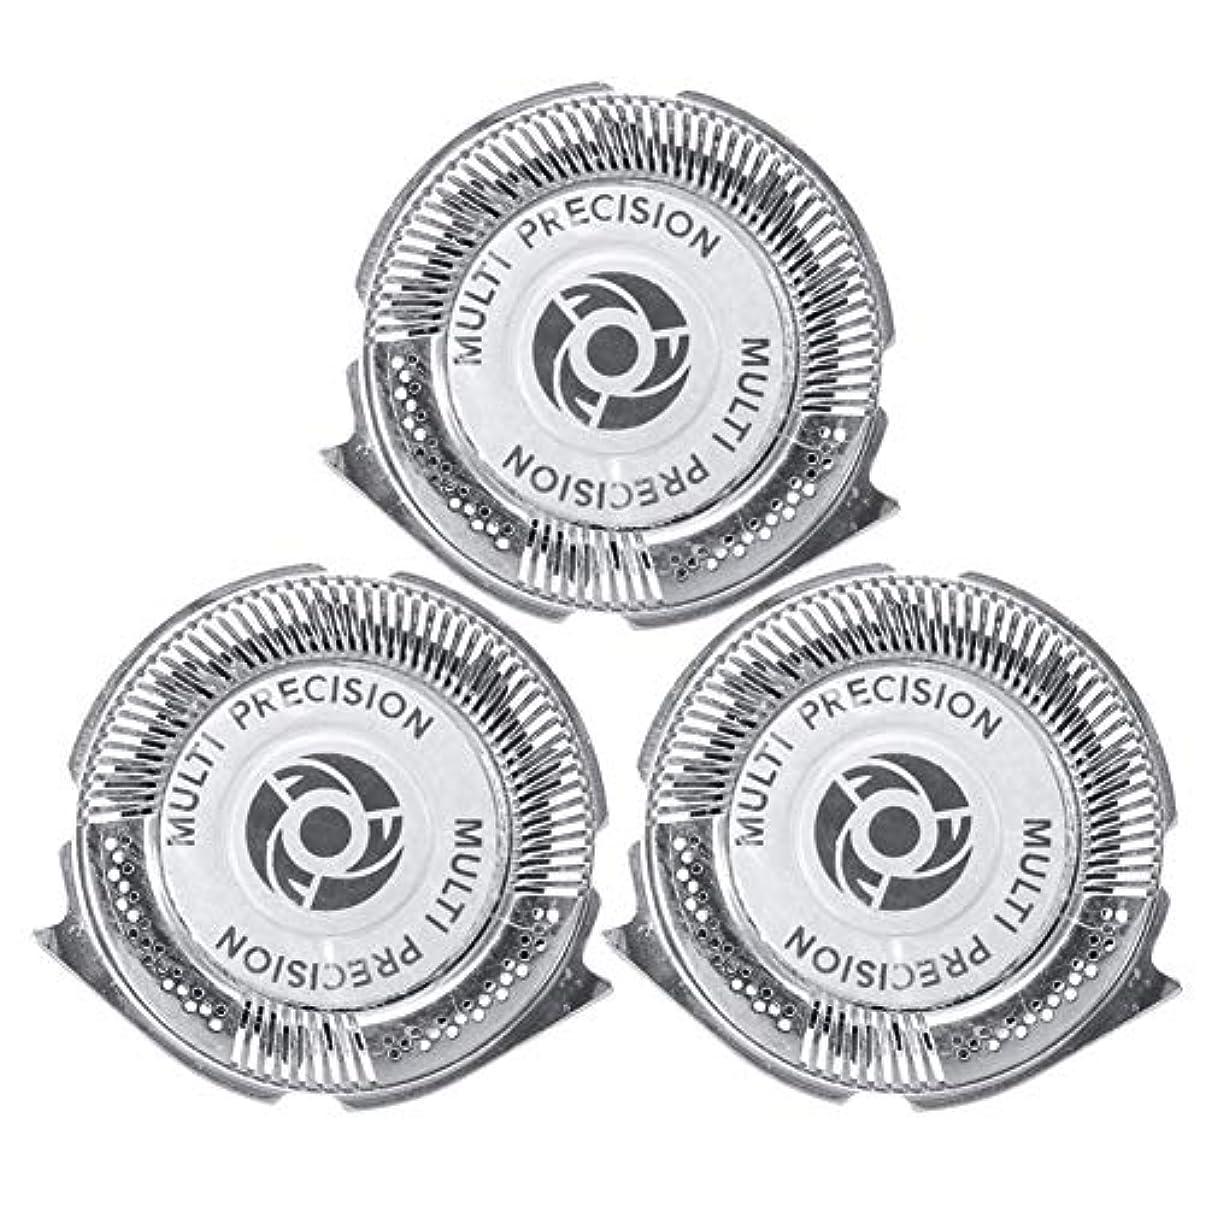 リンクコンセンサス確認するシェーバー 替刃 替え刃 カミソリ ヘッド 3頭のヘッド 交換用替刃 替刃3個入り フィリップス5000シリーズ SH50/51/52 HQ8に適用